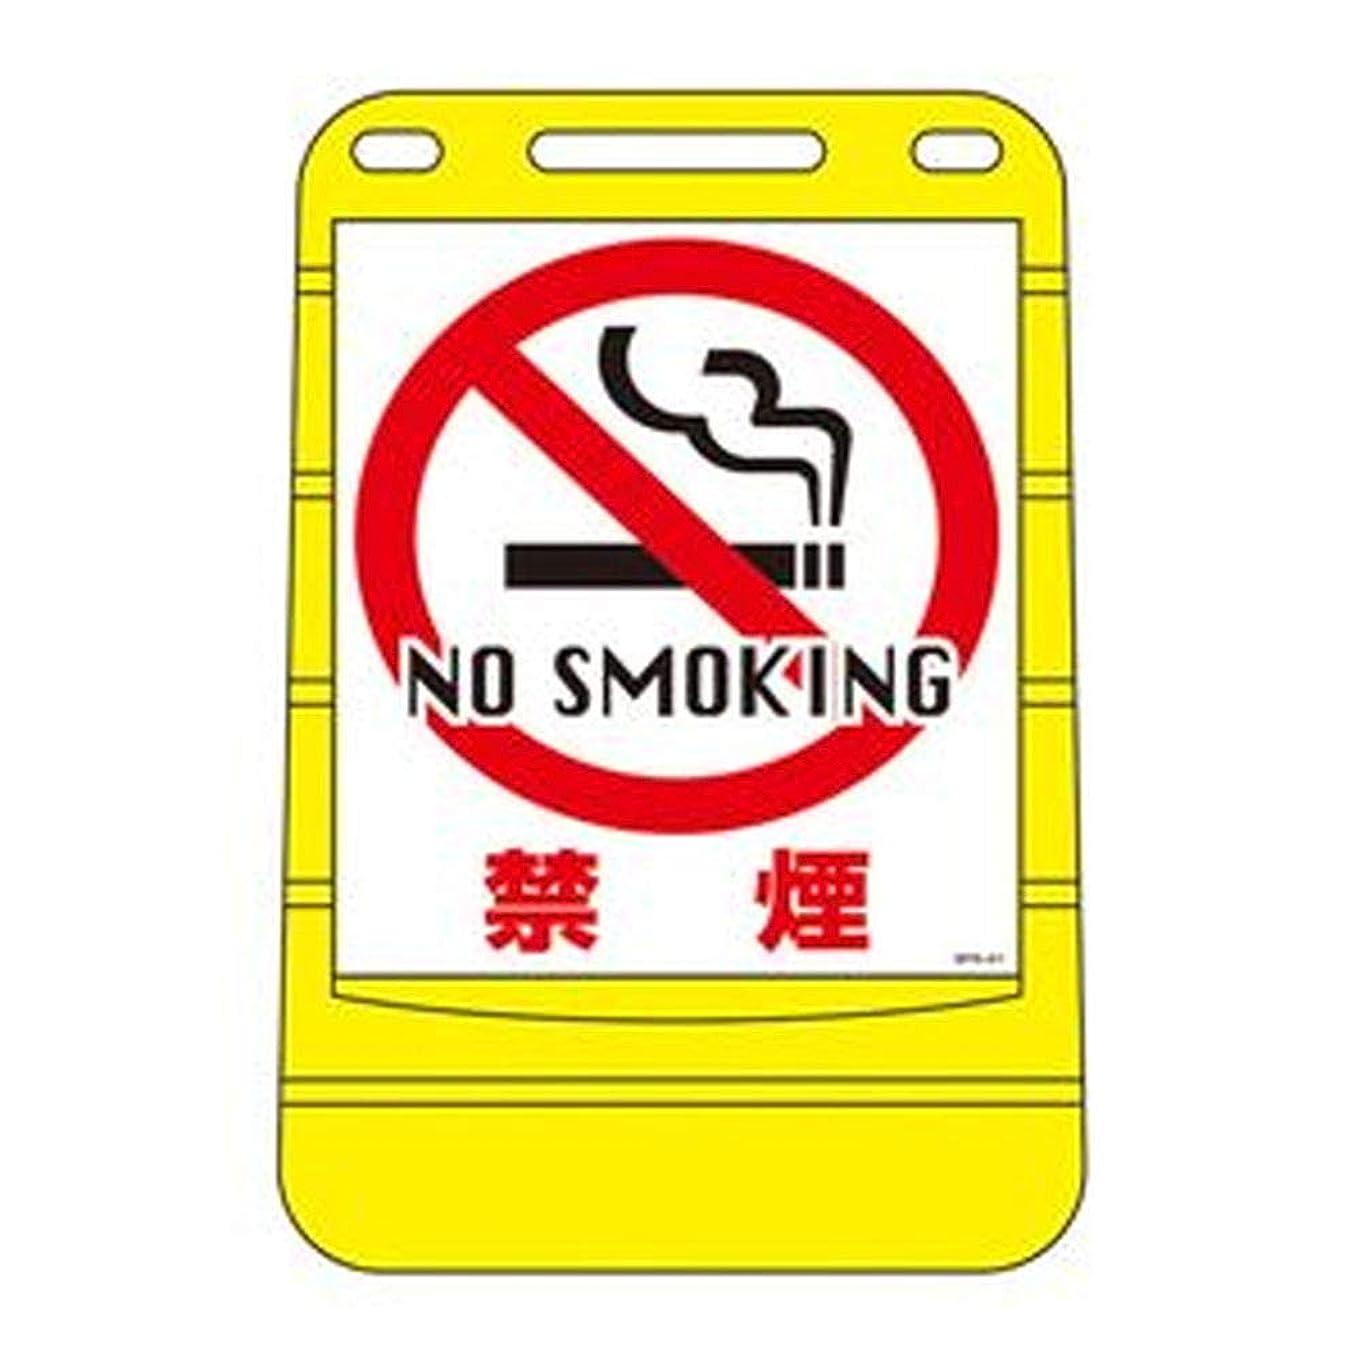 期間熟読それるバリアポップサイン?禁煙?BPS-21?-単品-